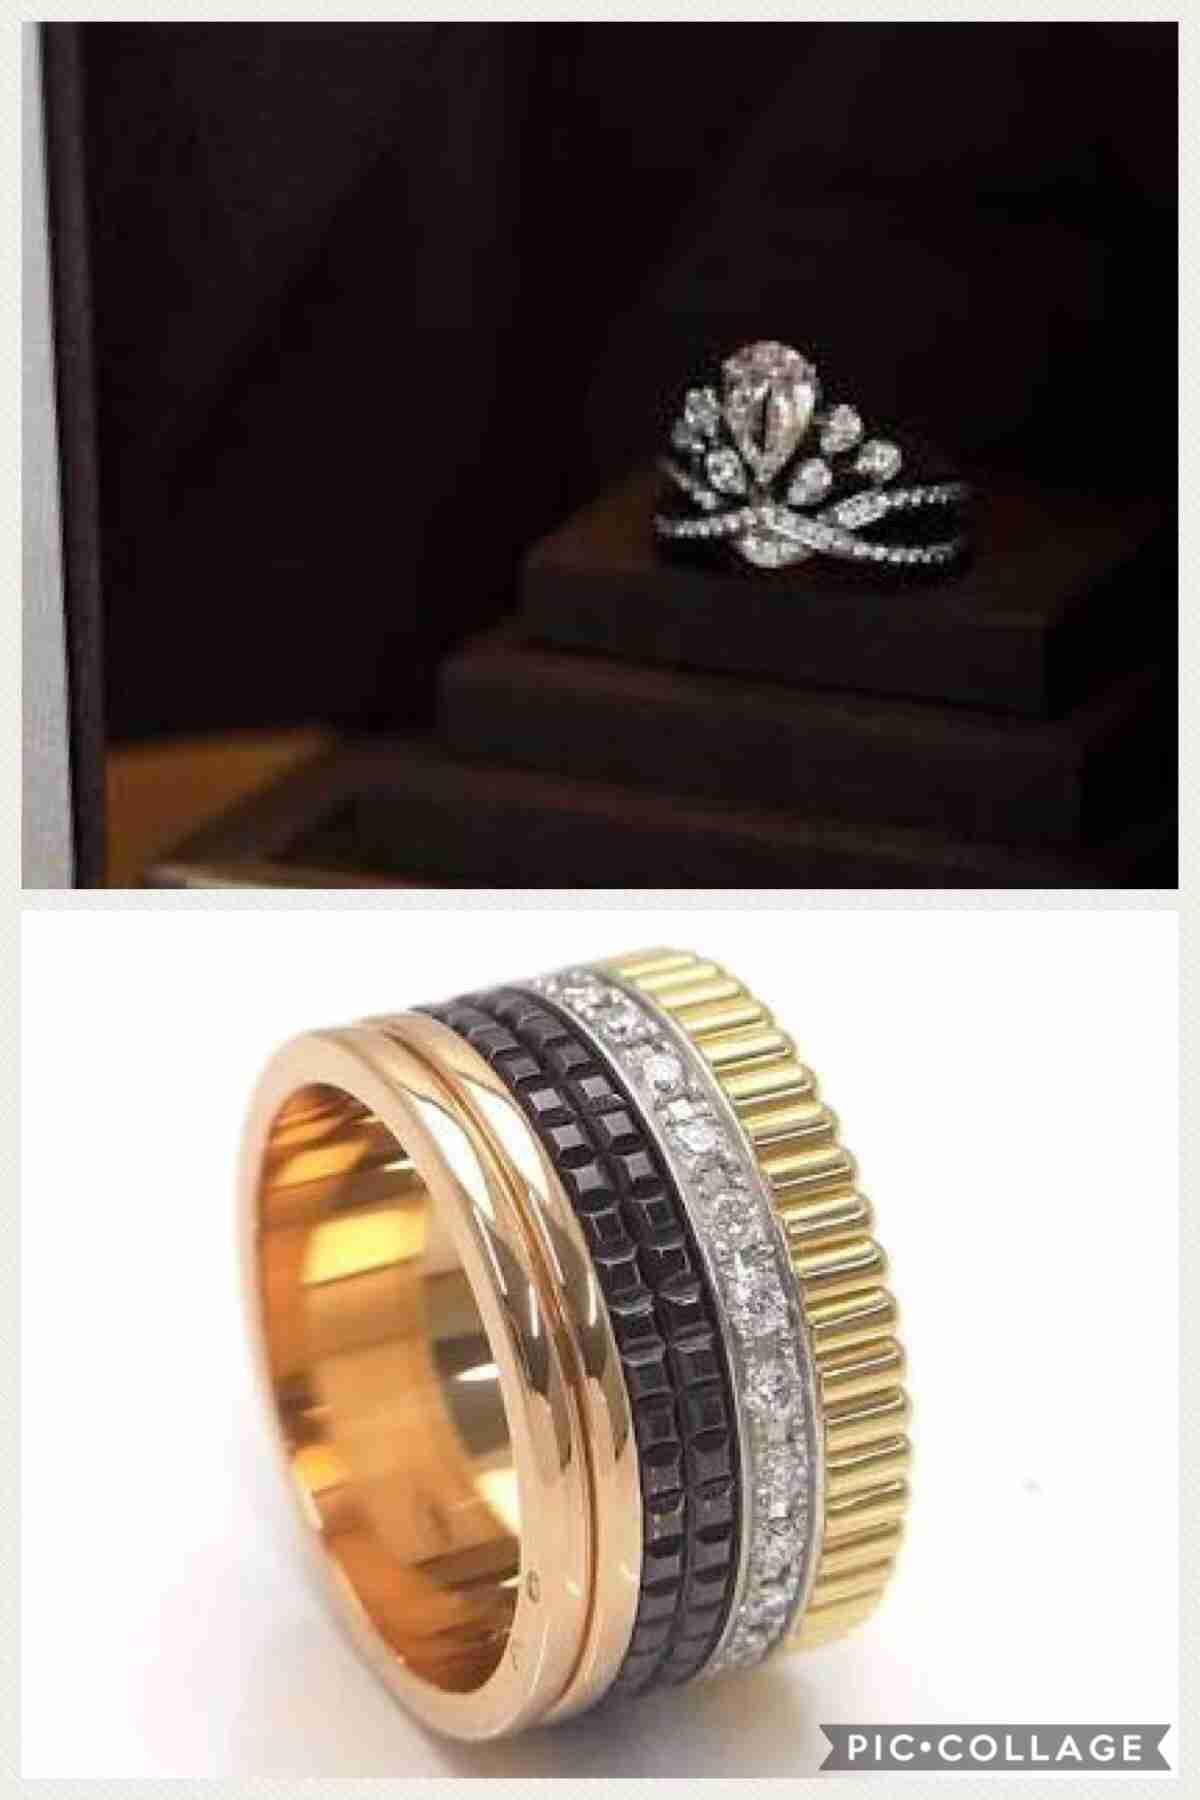 ❰妄想❱旦那さんが「宝くじ当たった!指輪なら買ってあげる」と言ったら?